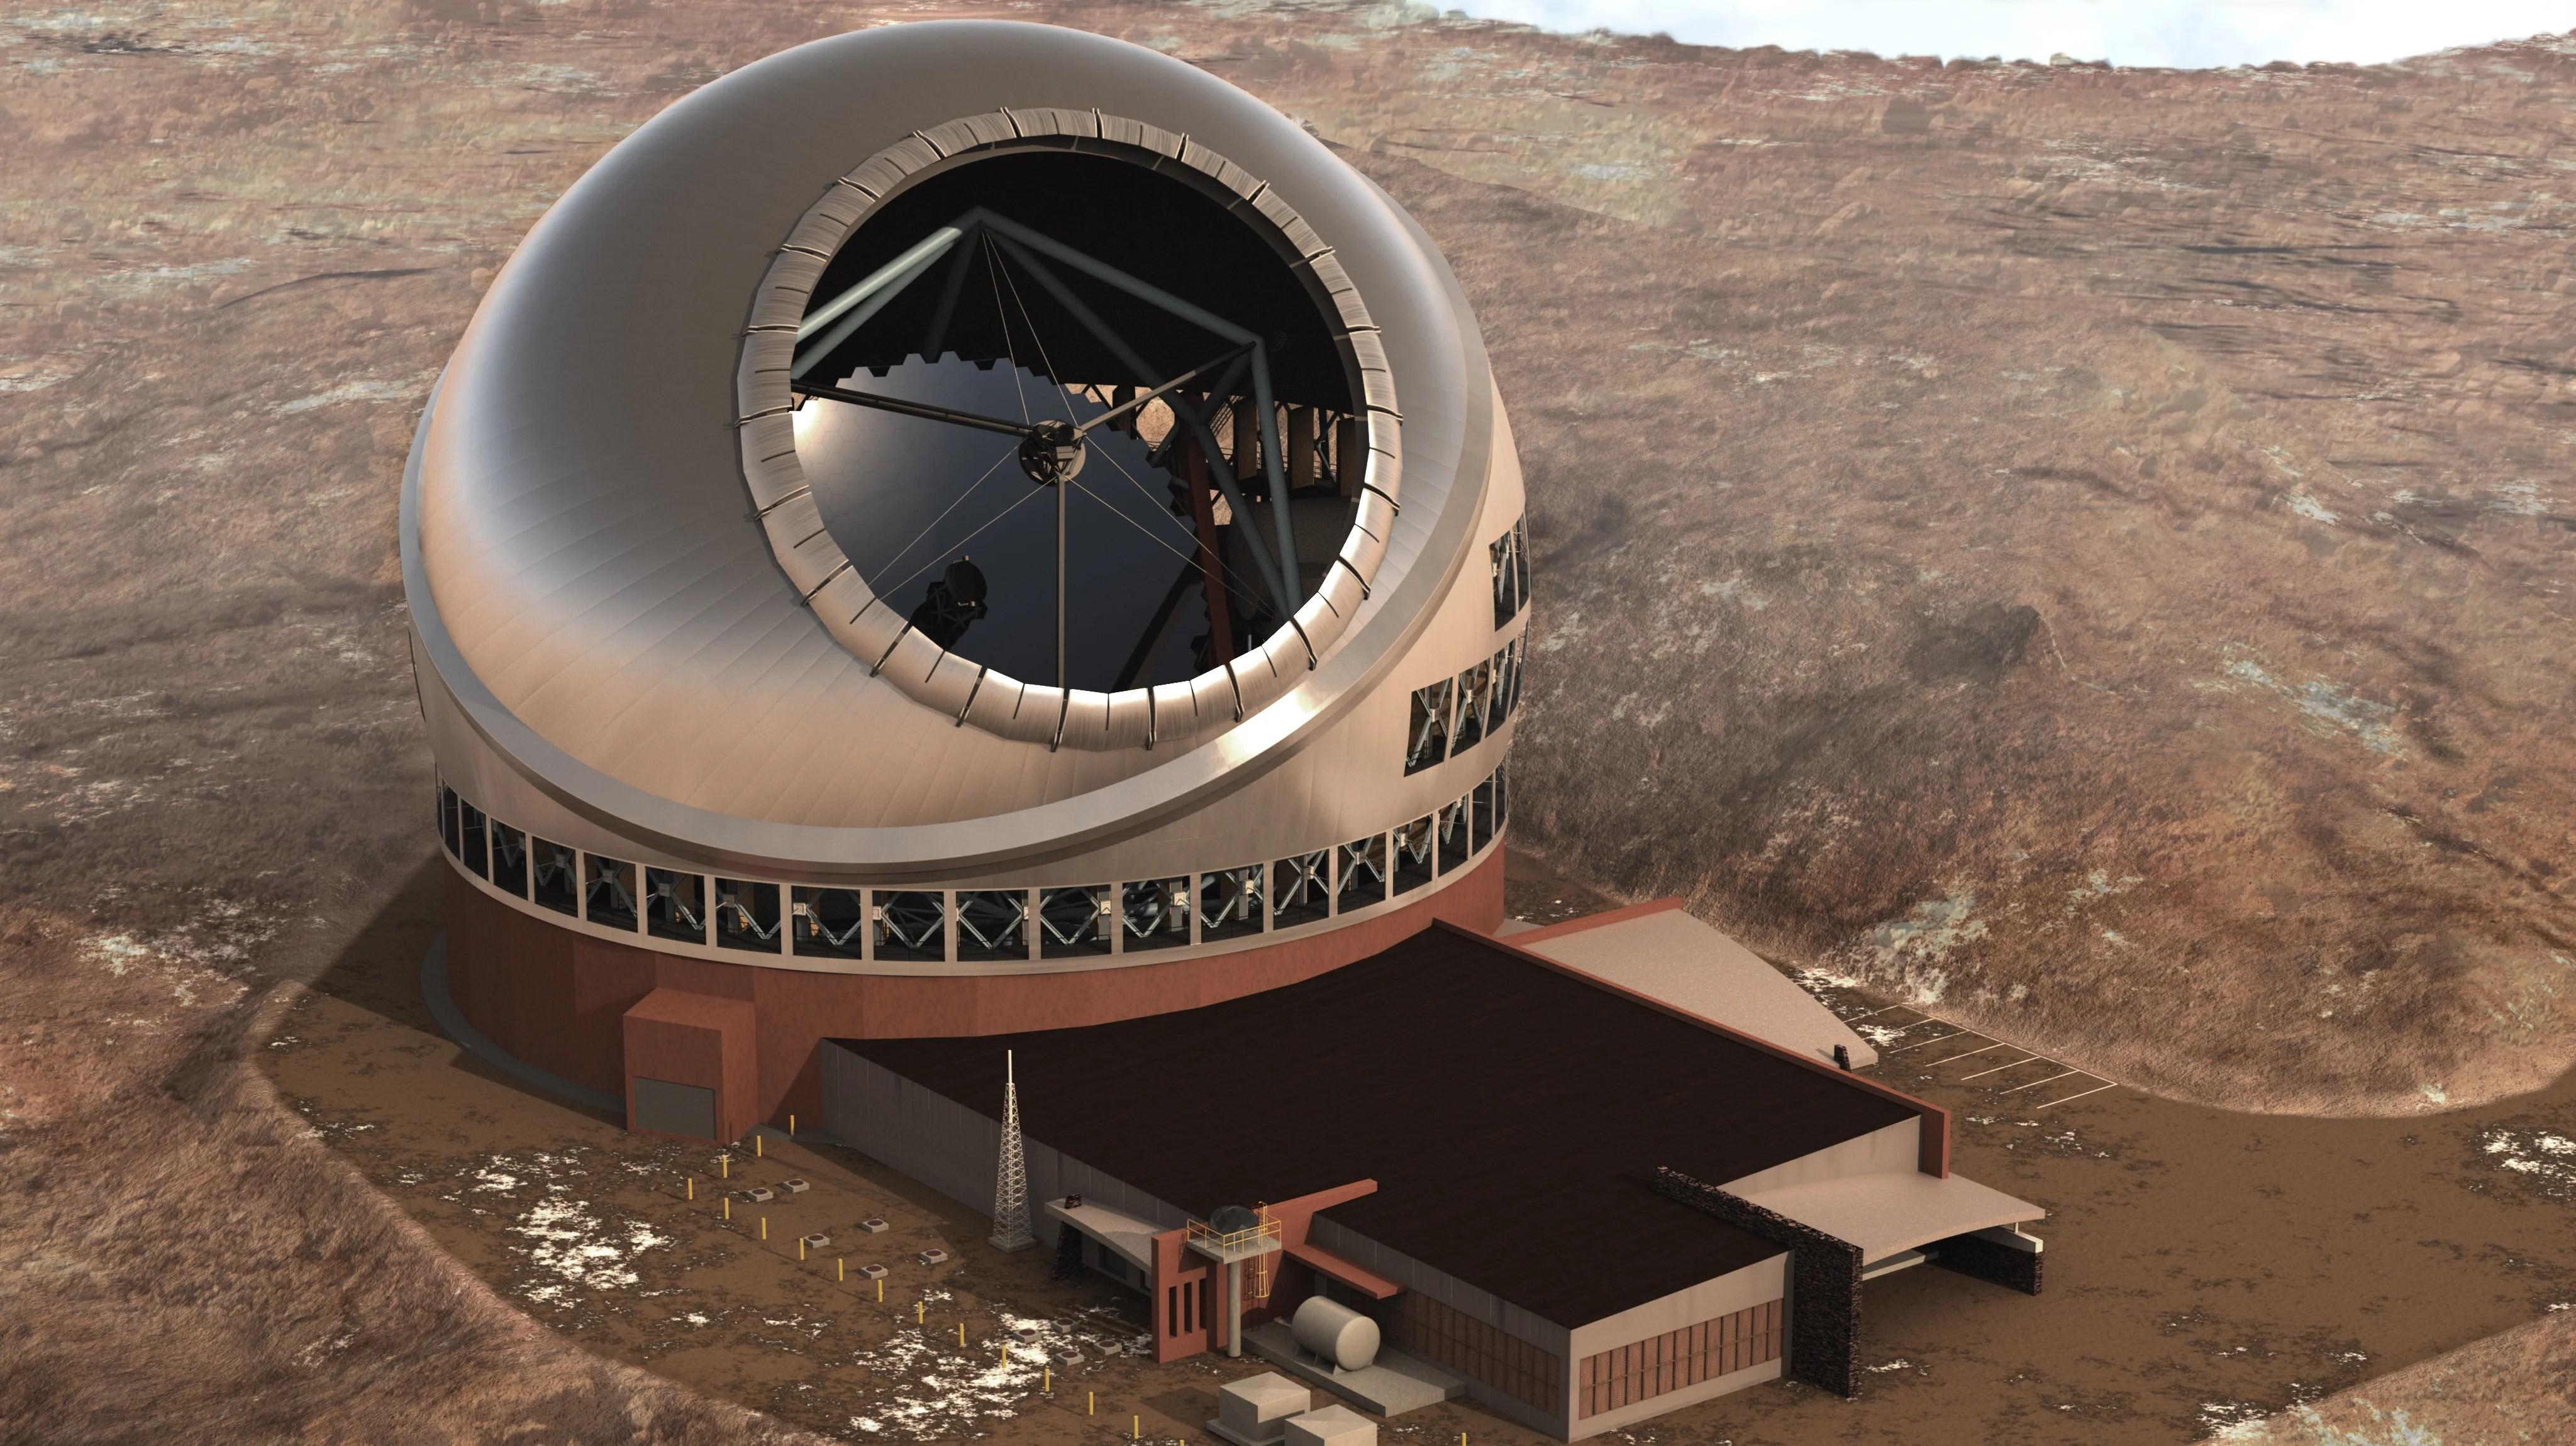 TMT, el gran telescopio que será 10 veces más potente que el Hubble